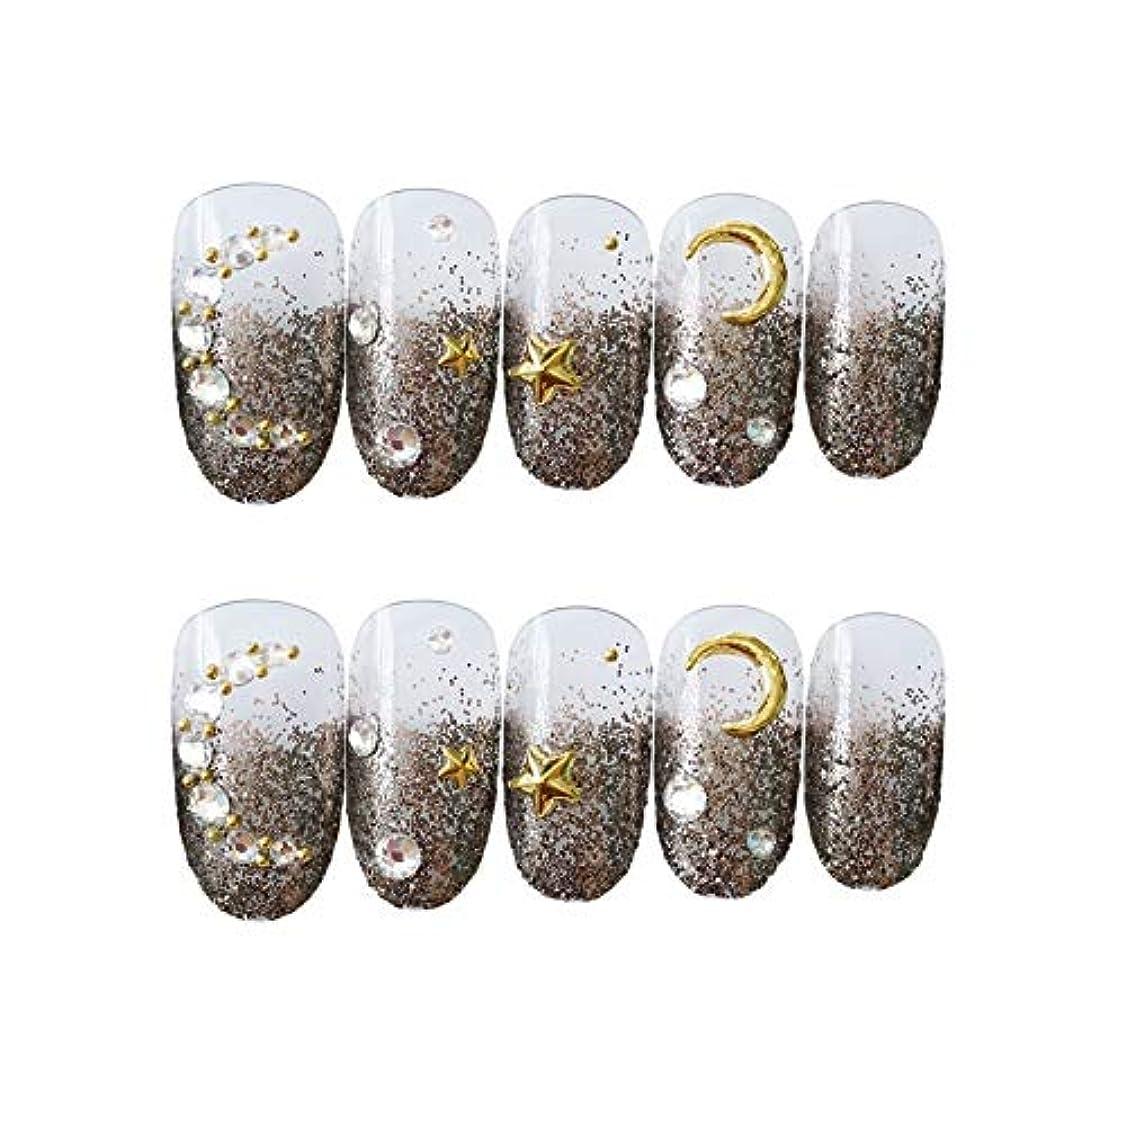 パン屋間夫婦XUANHU NAIL PATCH 3D ネイルチップ 綺麗な飾り付け 24枚入 原宿 和風 夢幻 和装 手作りネイルチップ 結婚式ネイルチップ